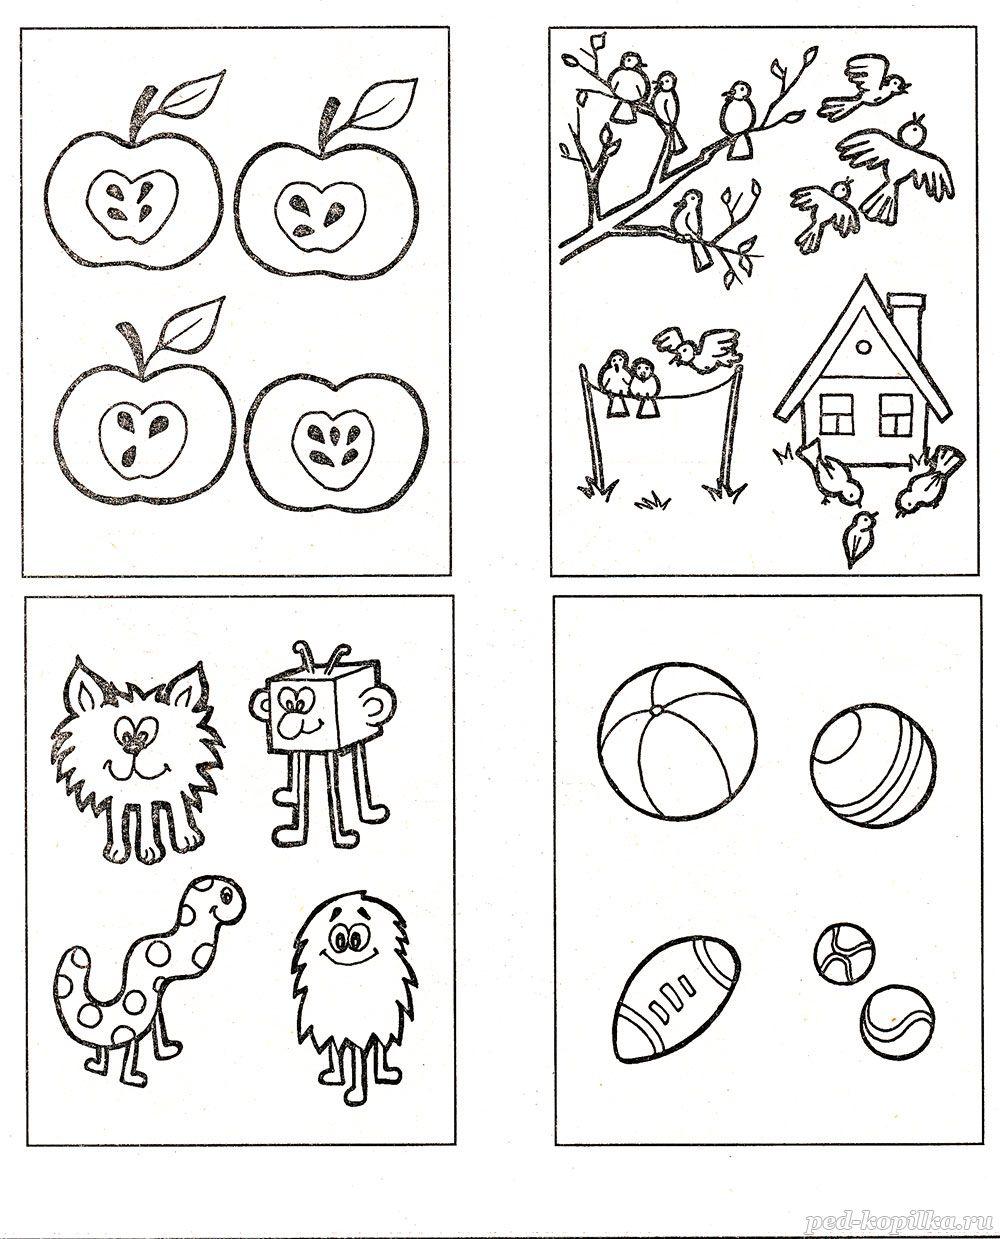 развивающие задания на логику для детей 4 5 лет